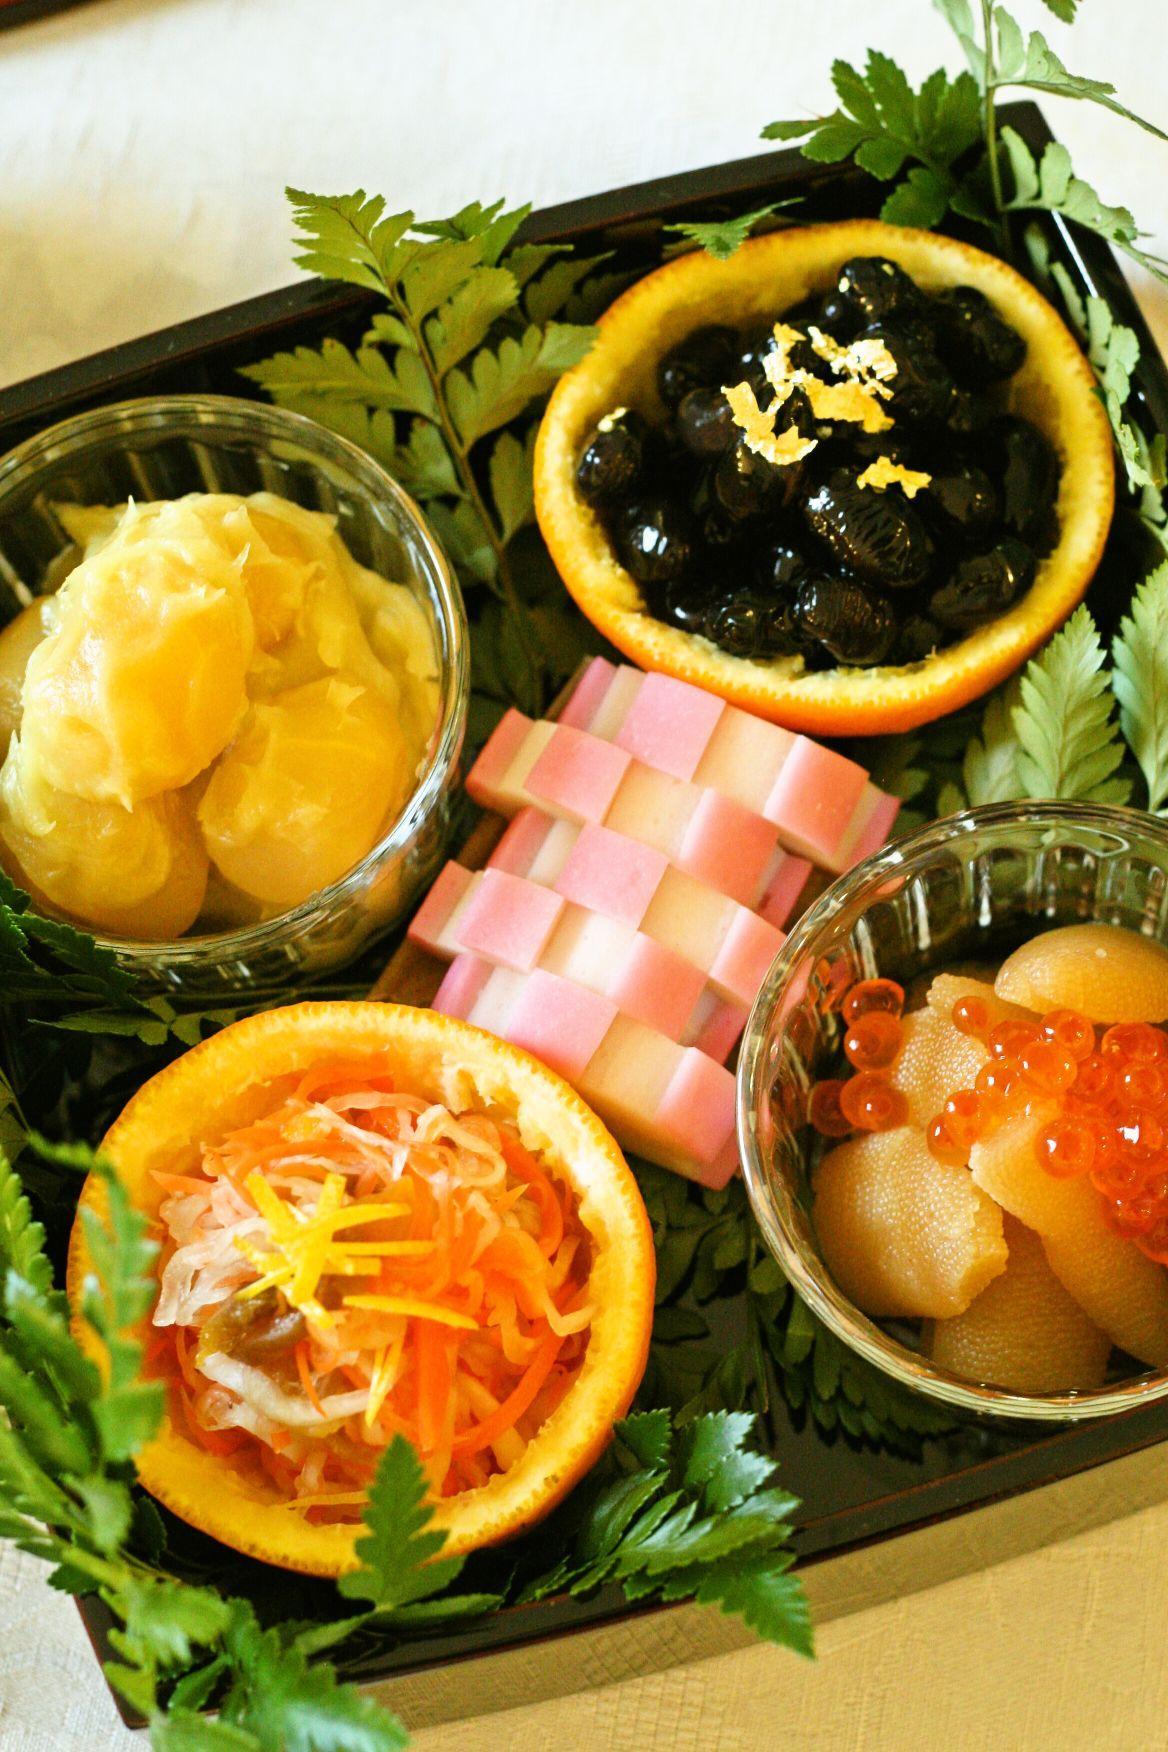 Celebrating Japanese New Year's holiday Japanese new